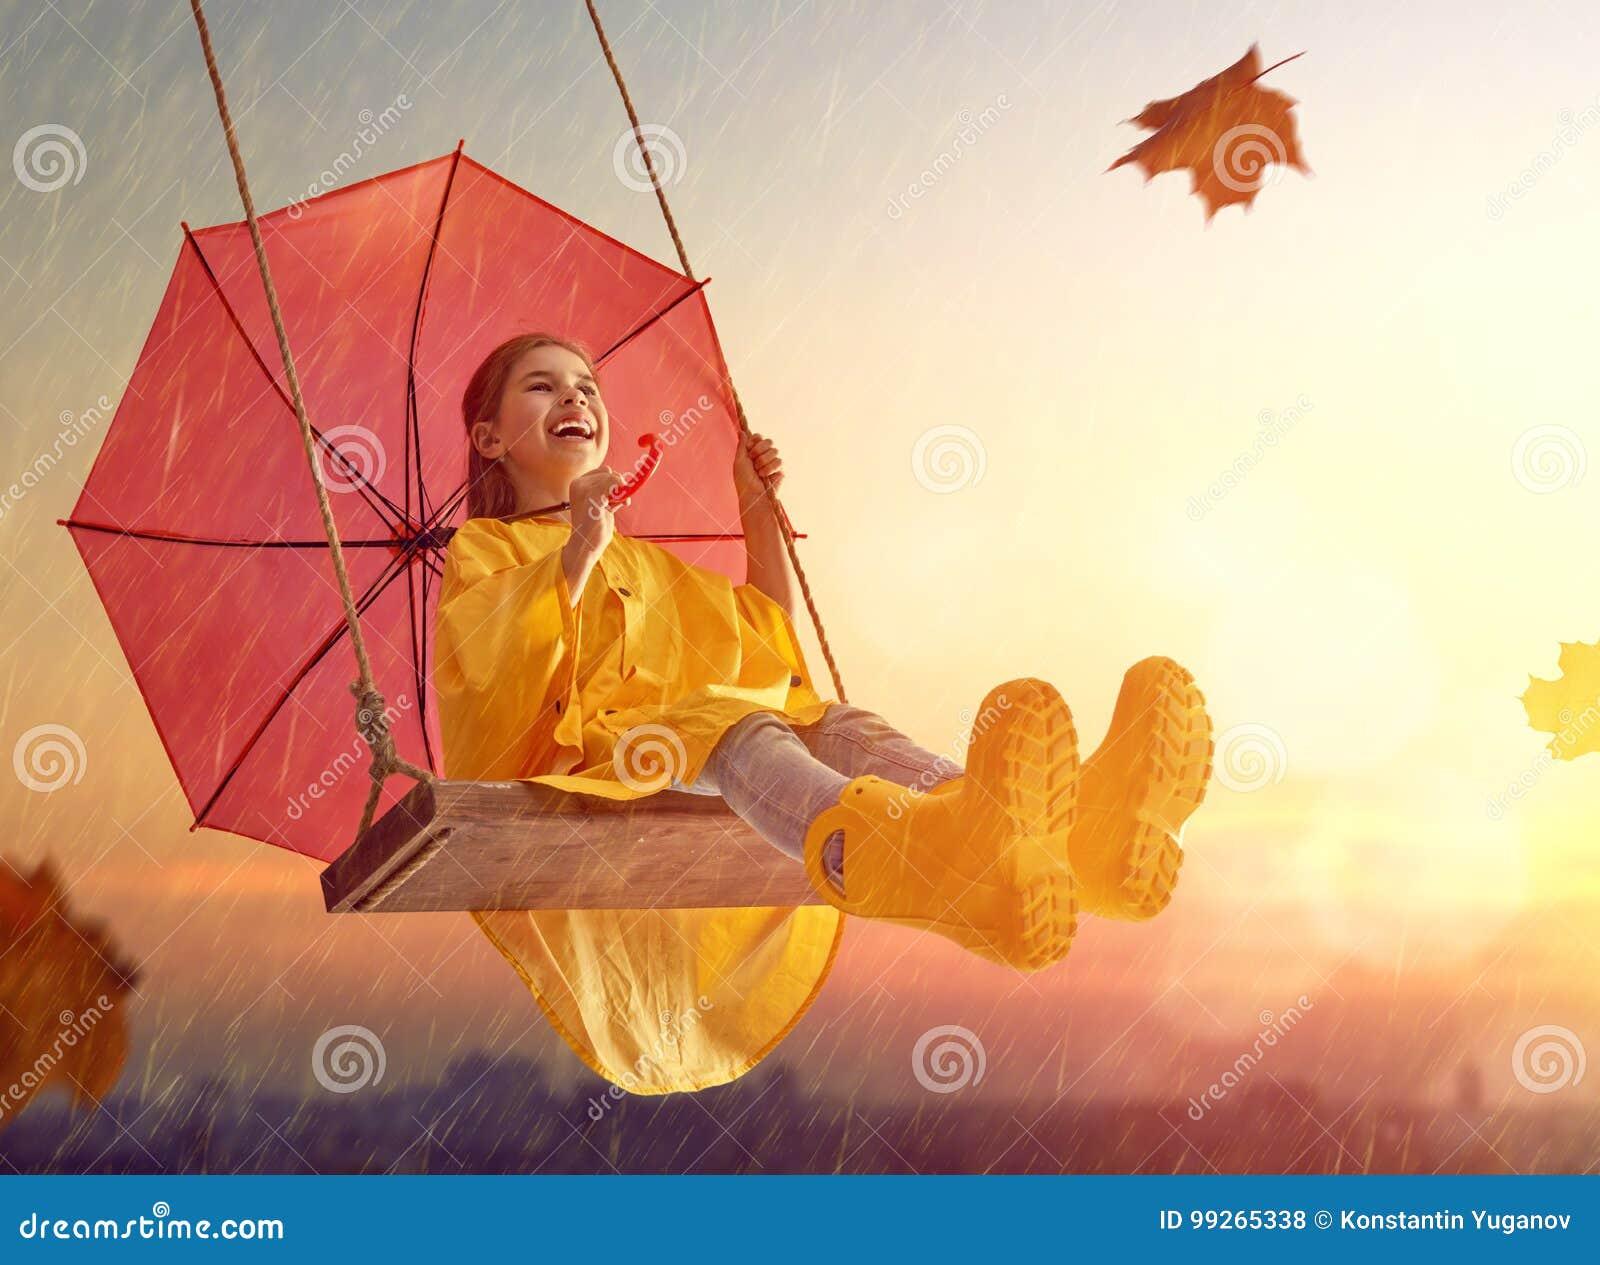 child-red-umbrella-happy-funny-under-aut